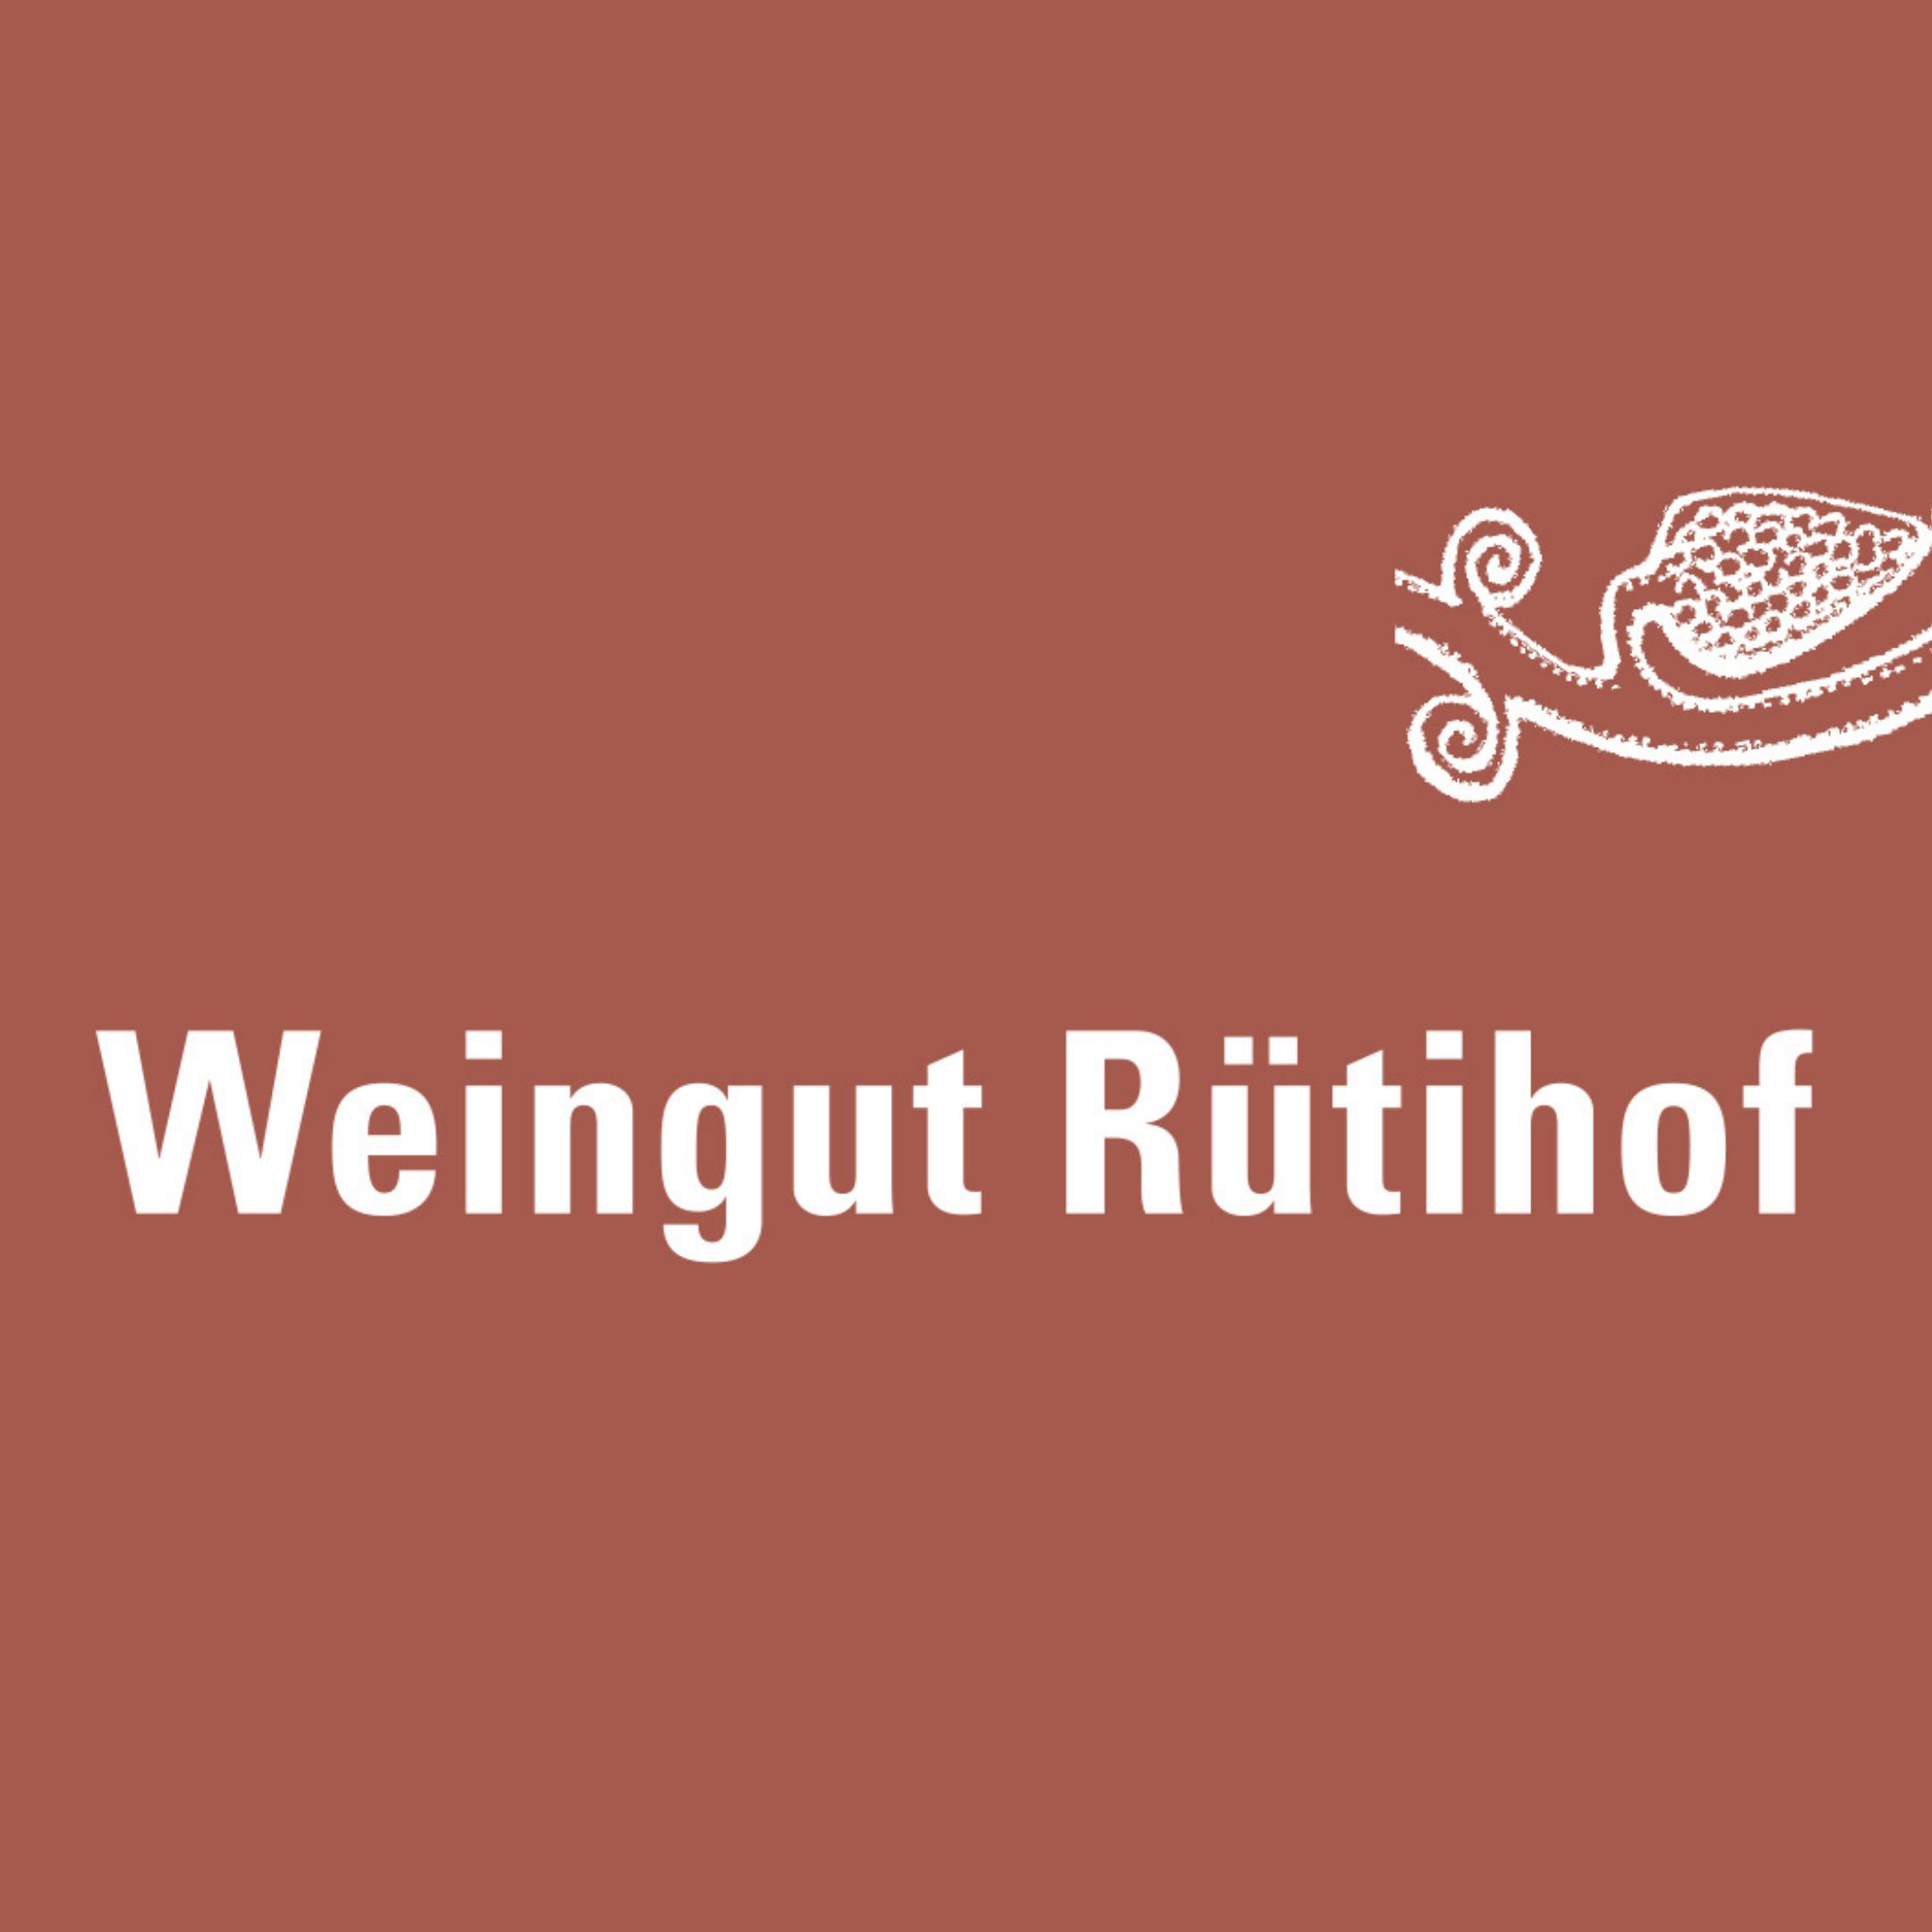 Weingut Rütihof